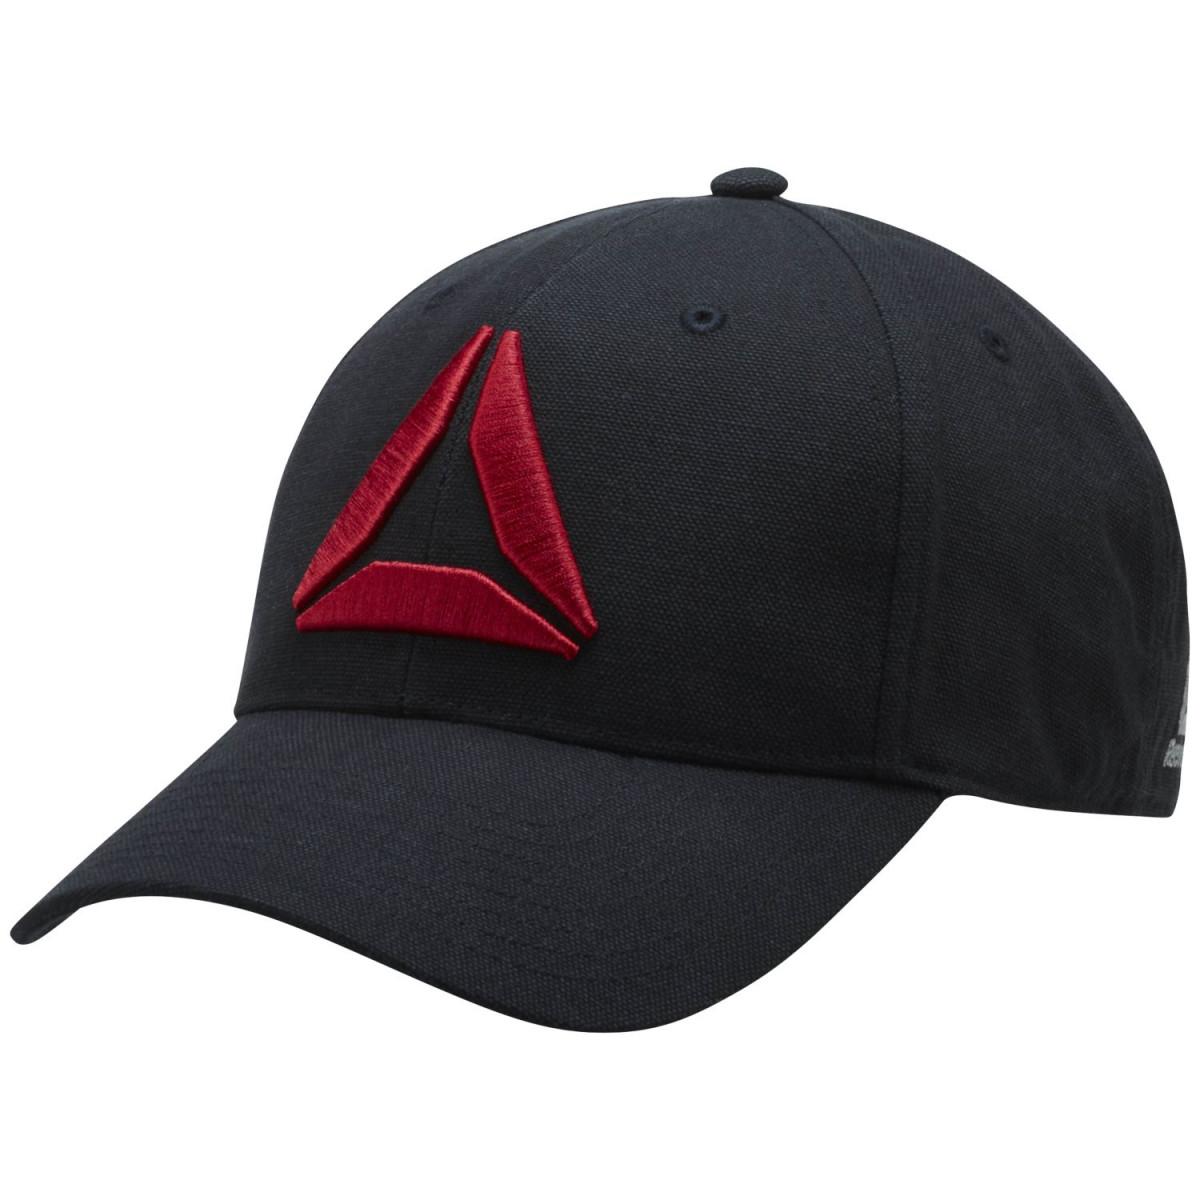 Gorra Reebok Active Enhanced Baseball - Caps - Gorros - Accesorios ... 2f325582cce